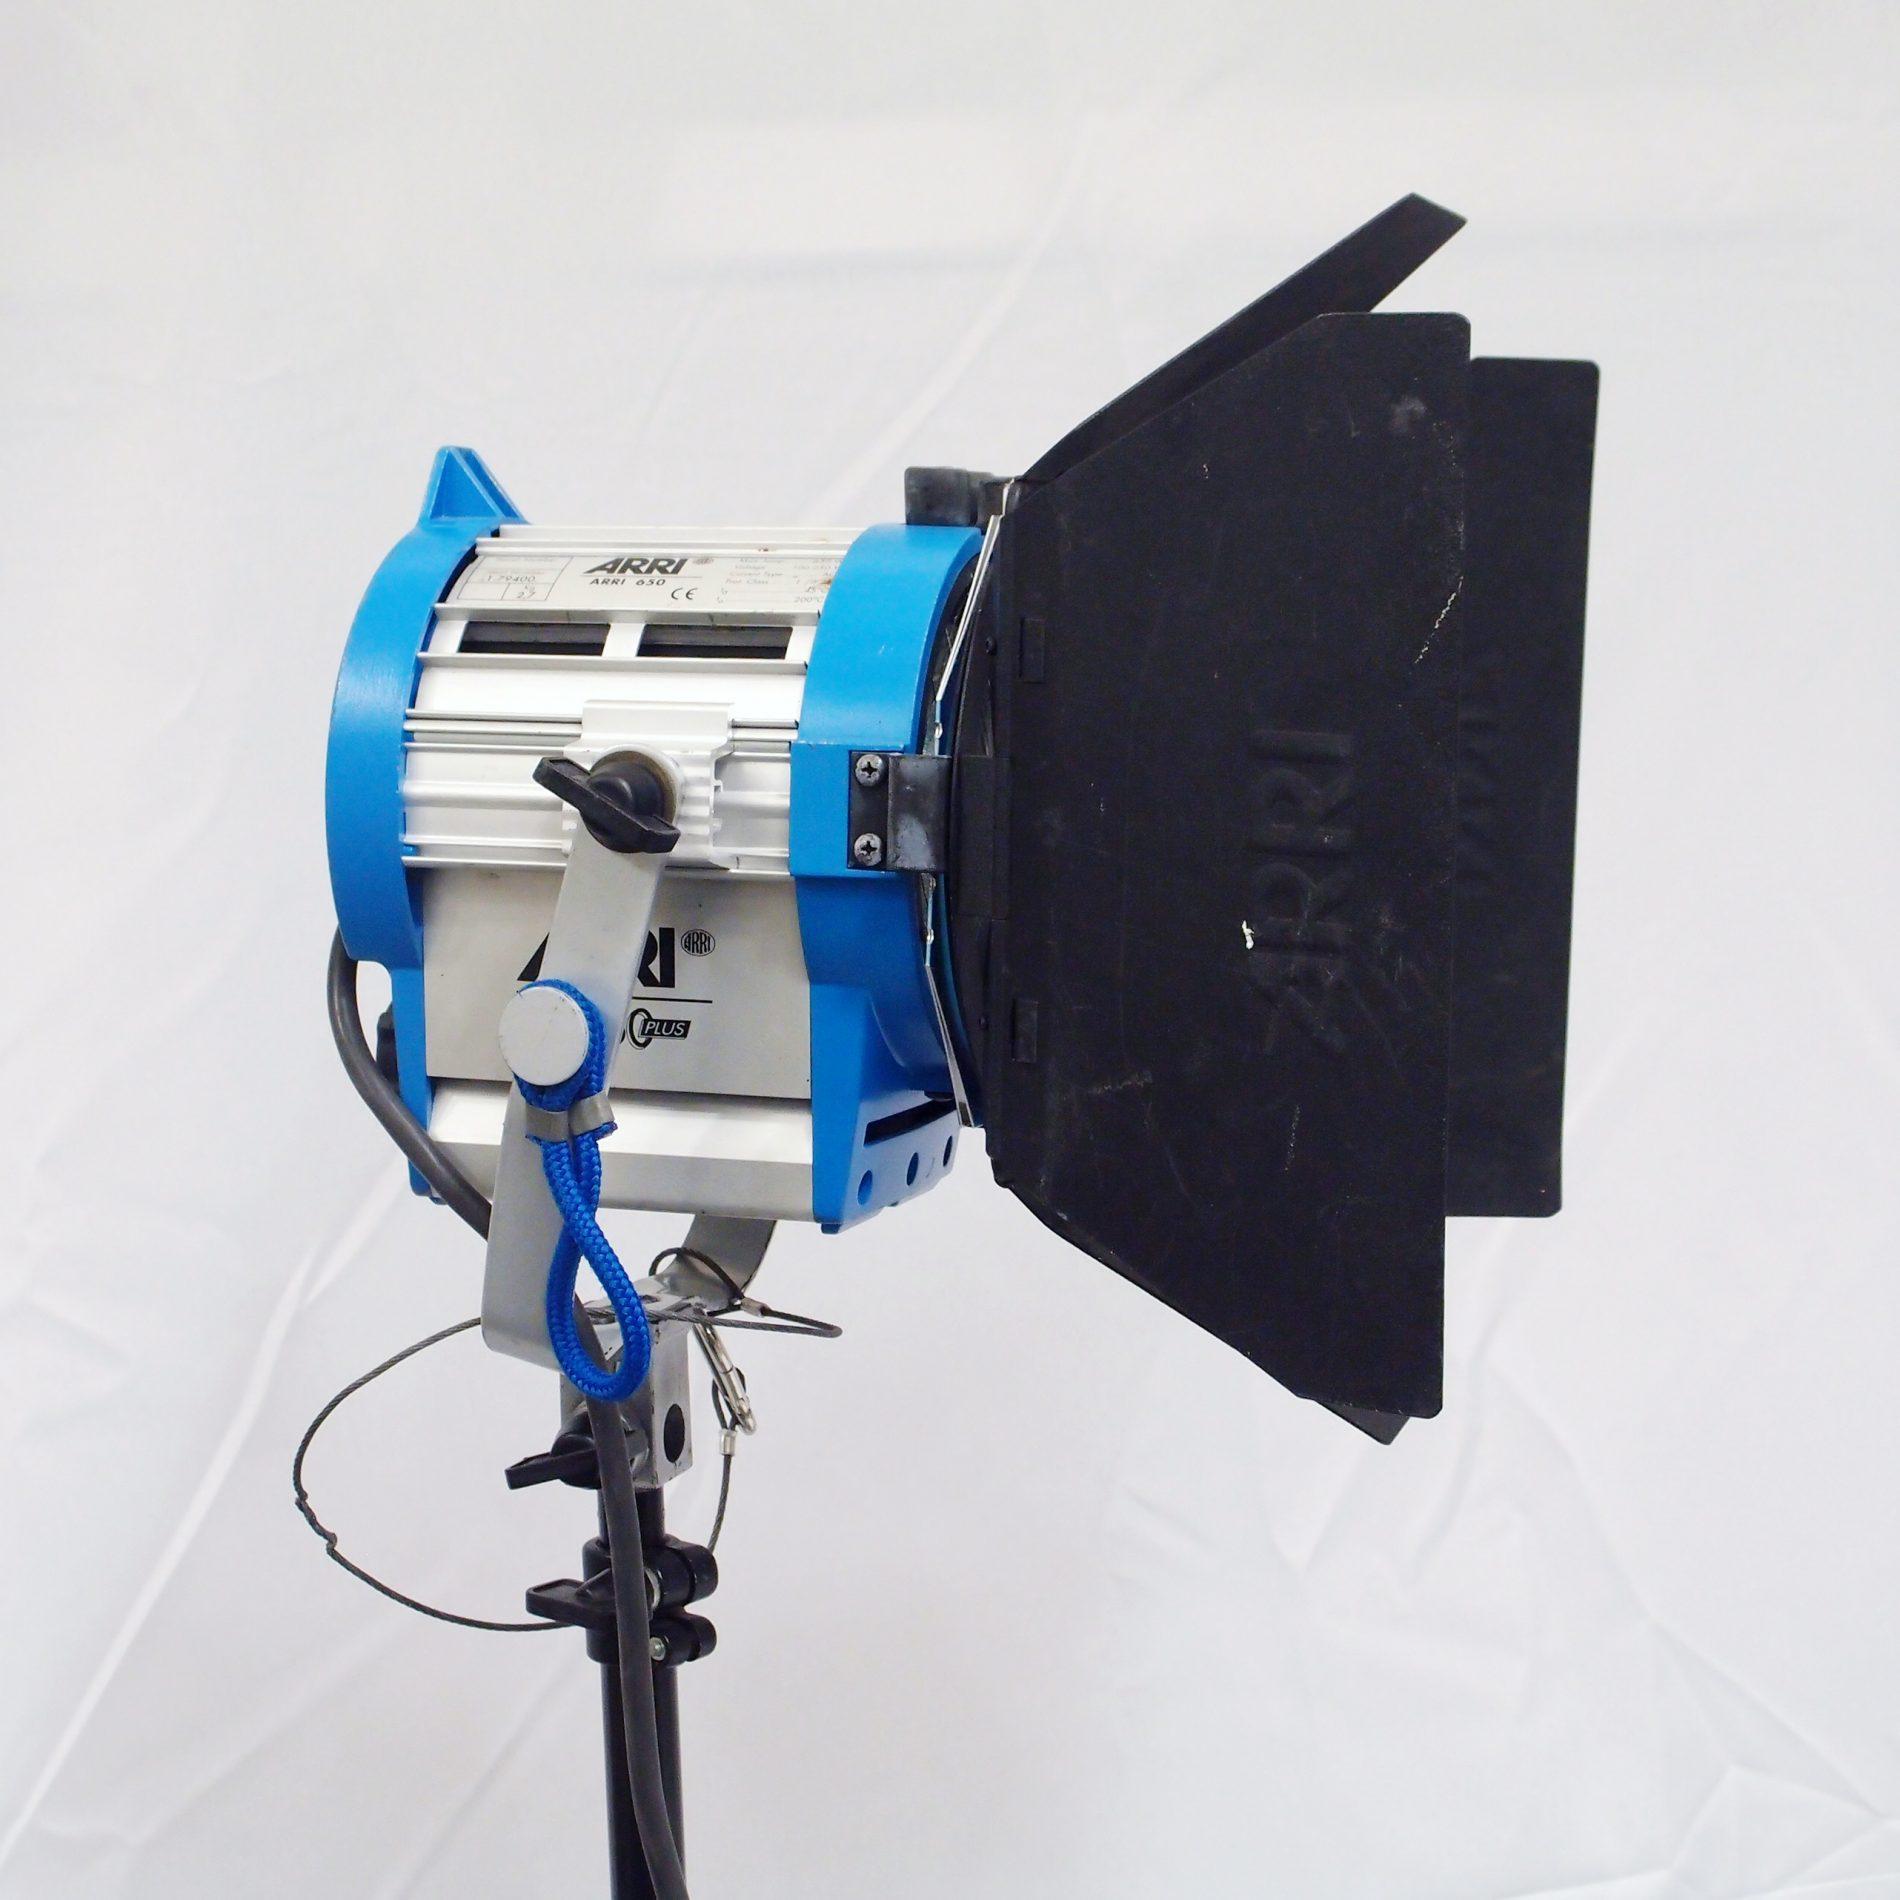 Arri 650 Plus – Buy from Gearwise – Used AV & Stage Equipment